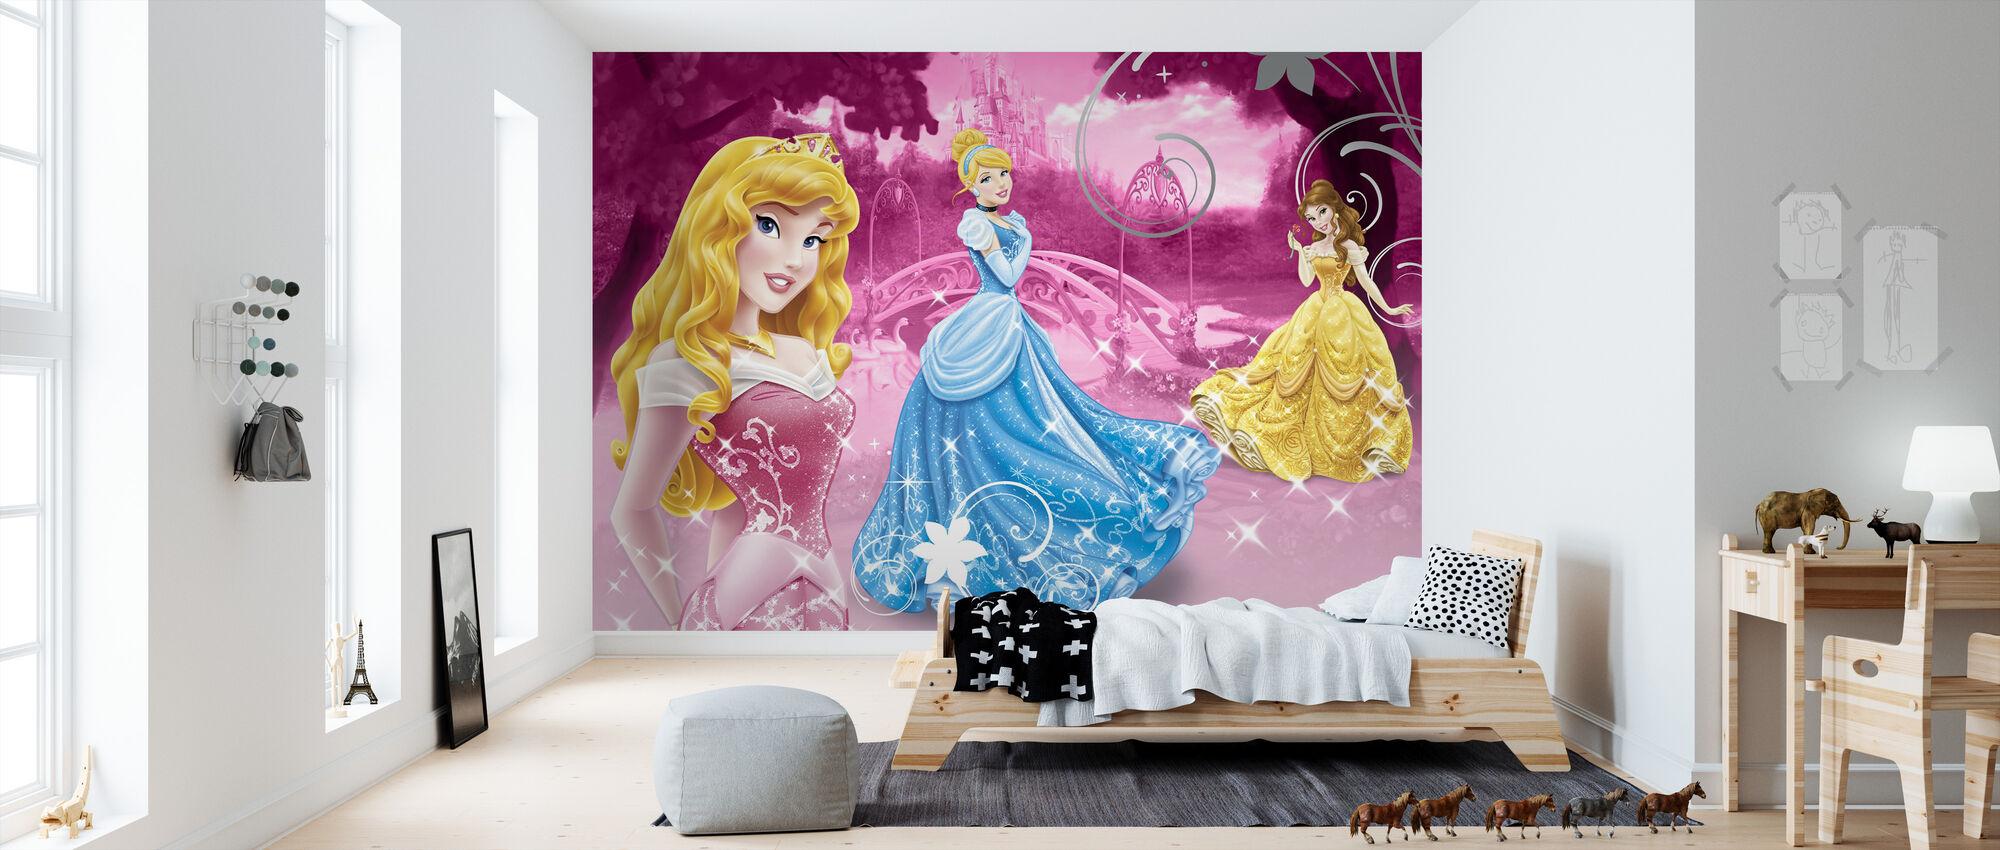 Disney Prinsessa Vaaleanpunainen - Tapetti - Lastenhuone